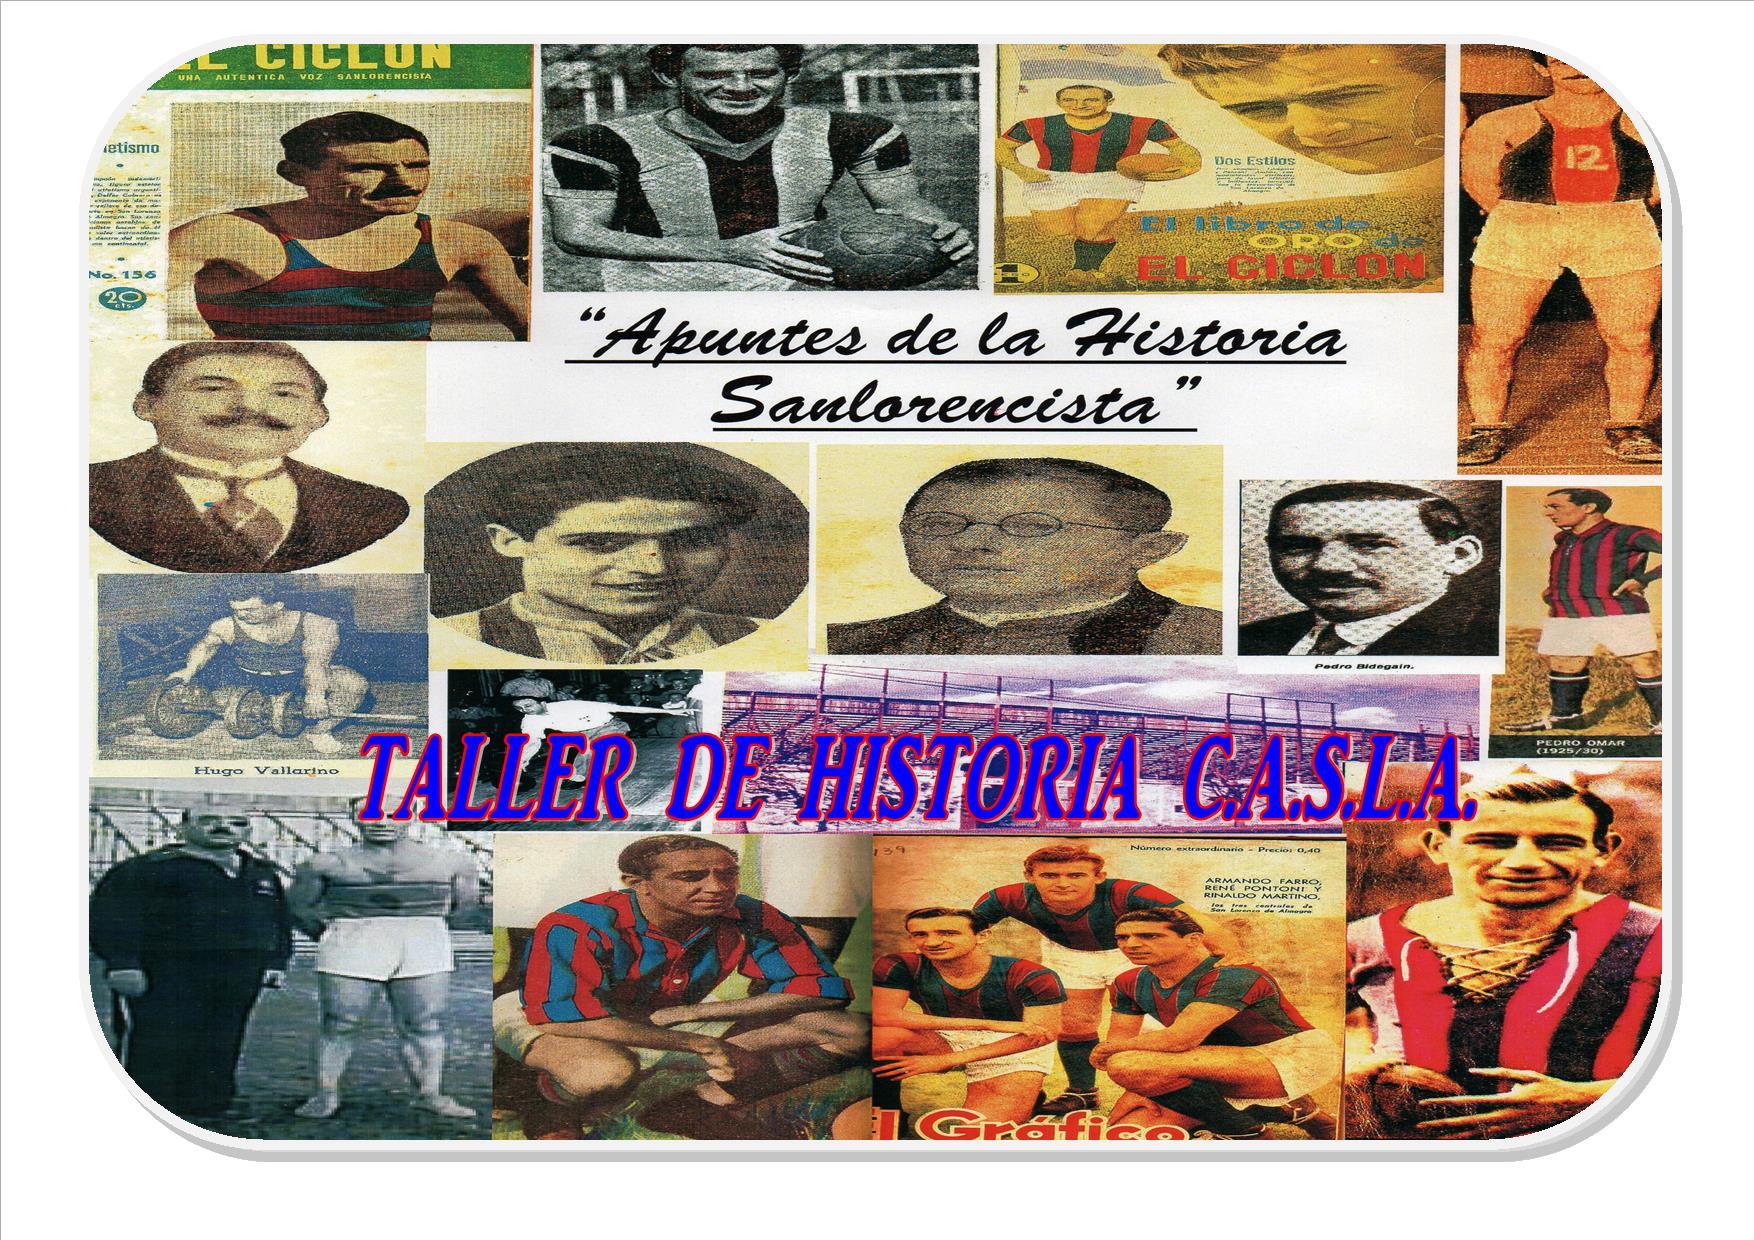 Está abierta la inscripción del Taller de la Historia del C.A.S.L.A. primer período (1908-1959)